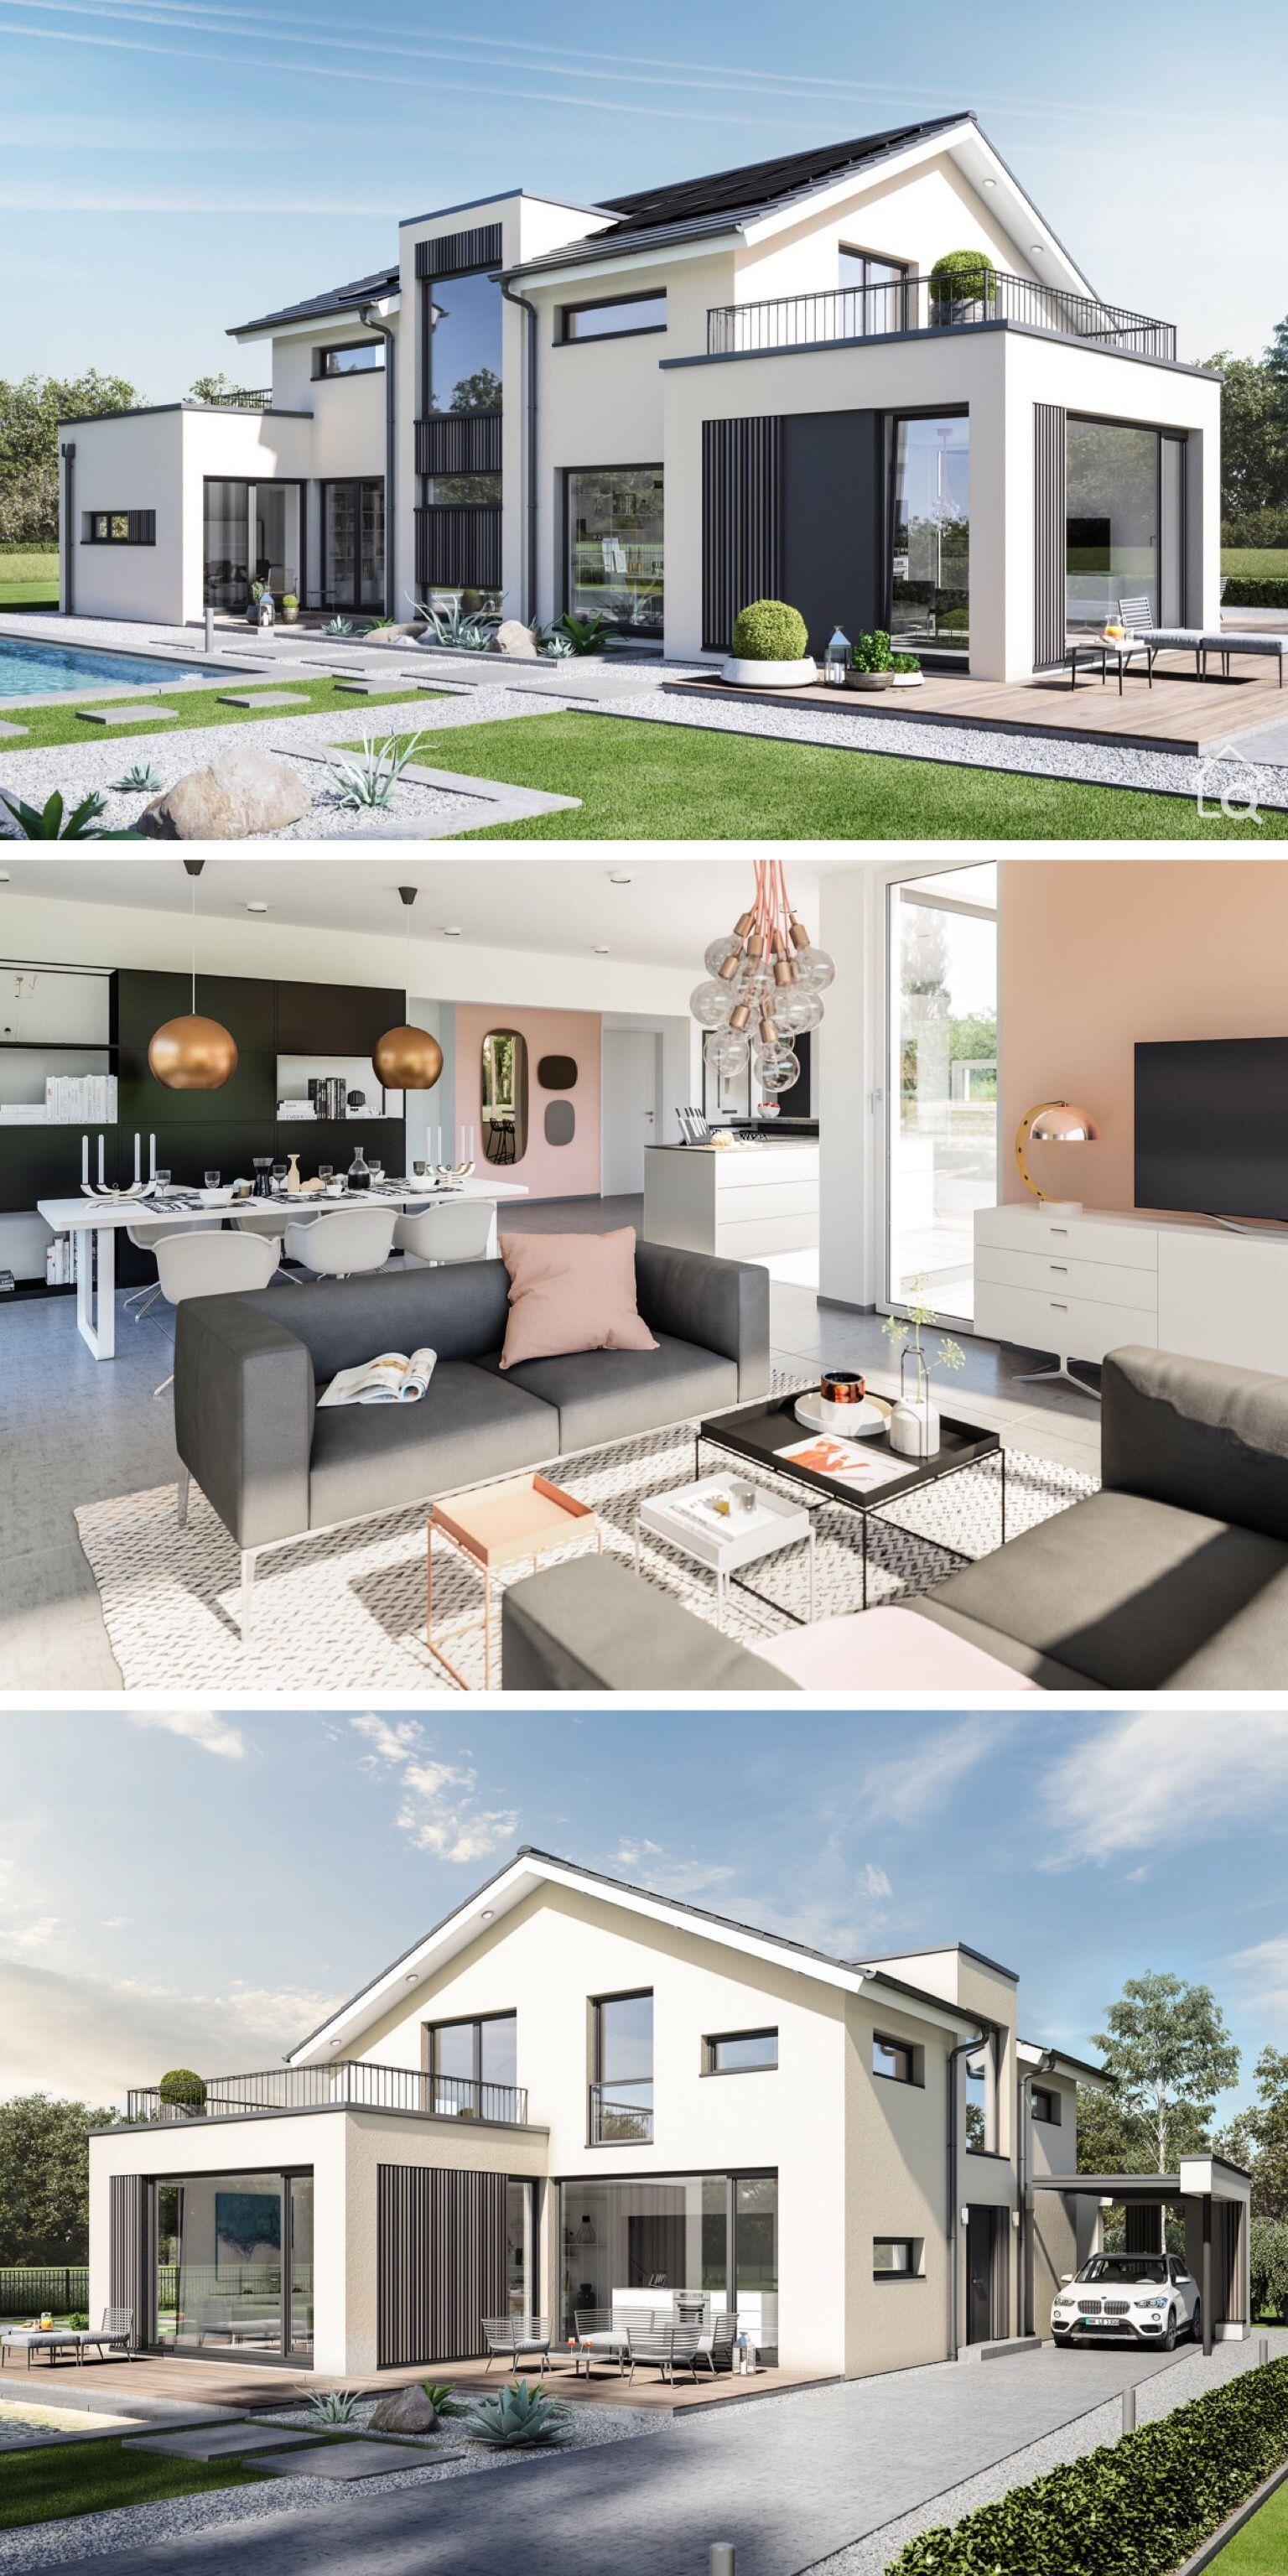 Modernes Design Haus Mit Satteldach Contemporaryofficeinteriordesign Design Haus Mit M Modern House Design House Design Prefabricated Houses